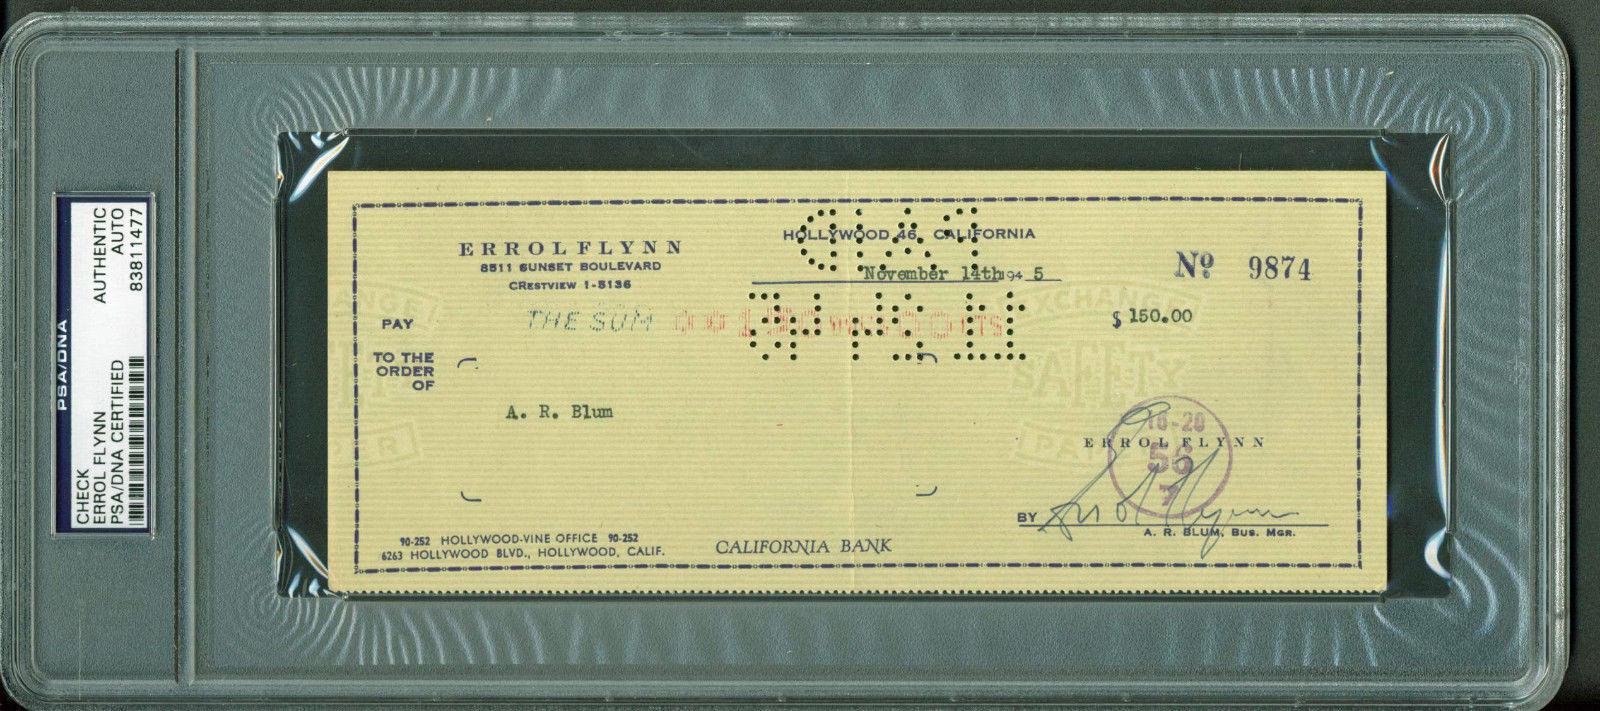 lot detail erroll flynn signed personal bank check 1946 psa dna encapsulated. Black Bedroom Furniture Sets. Home Design Ideas